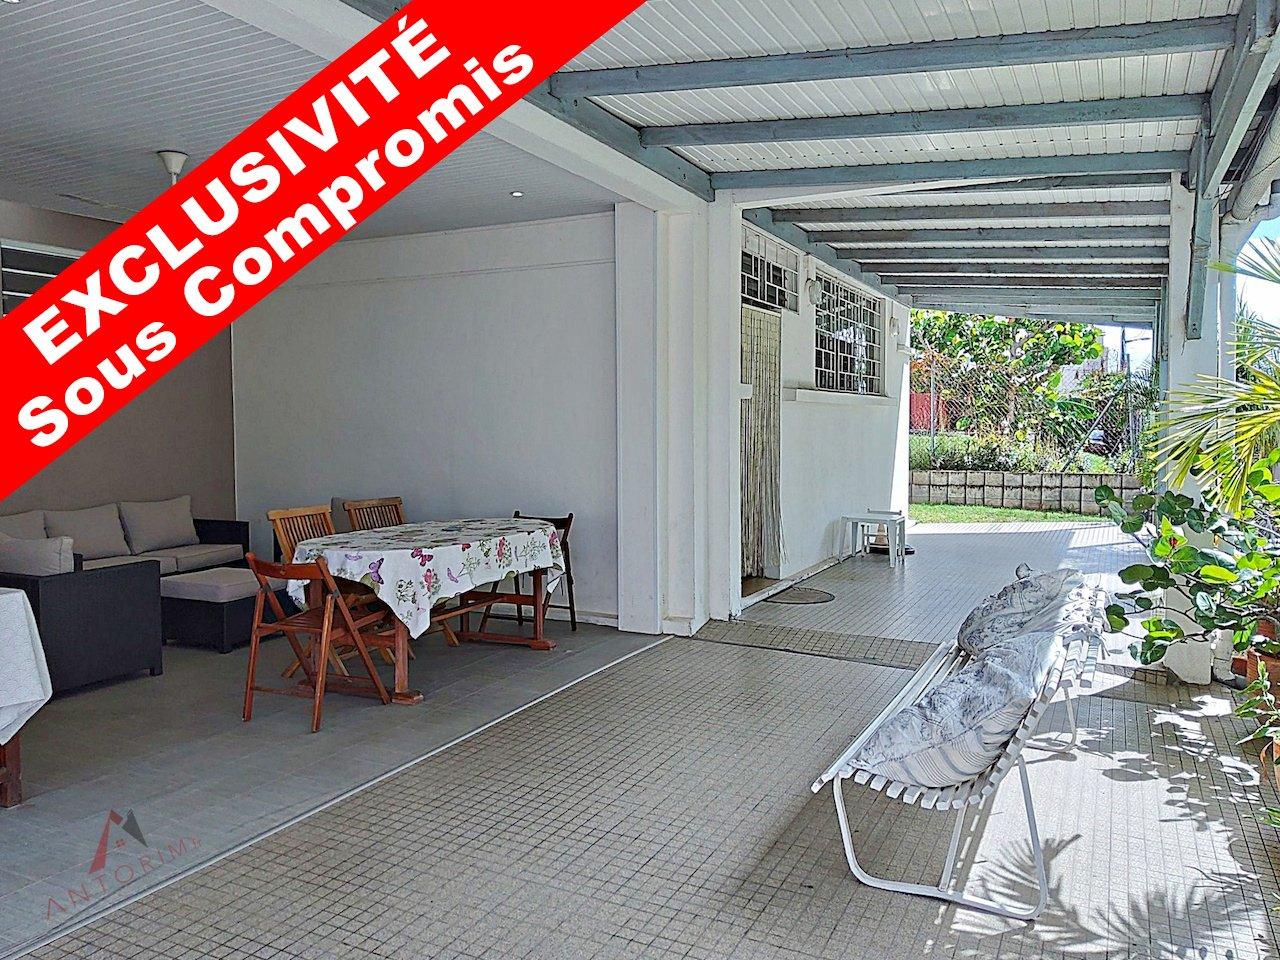 EXCLUSIVITE FORT-DE-FRANCE - BELLEVUE : Grande villa dans un quartier résidentiel